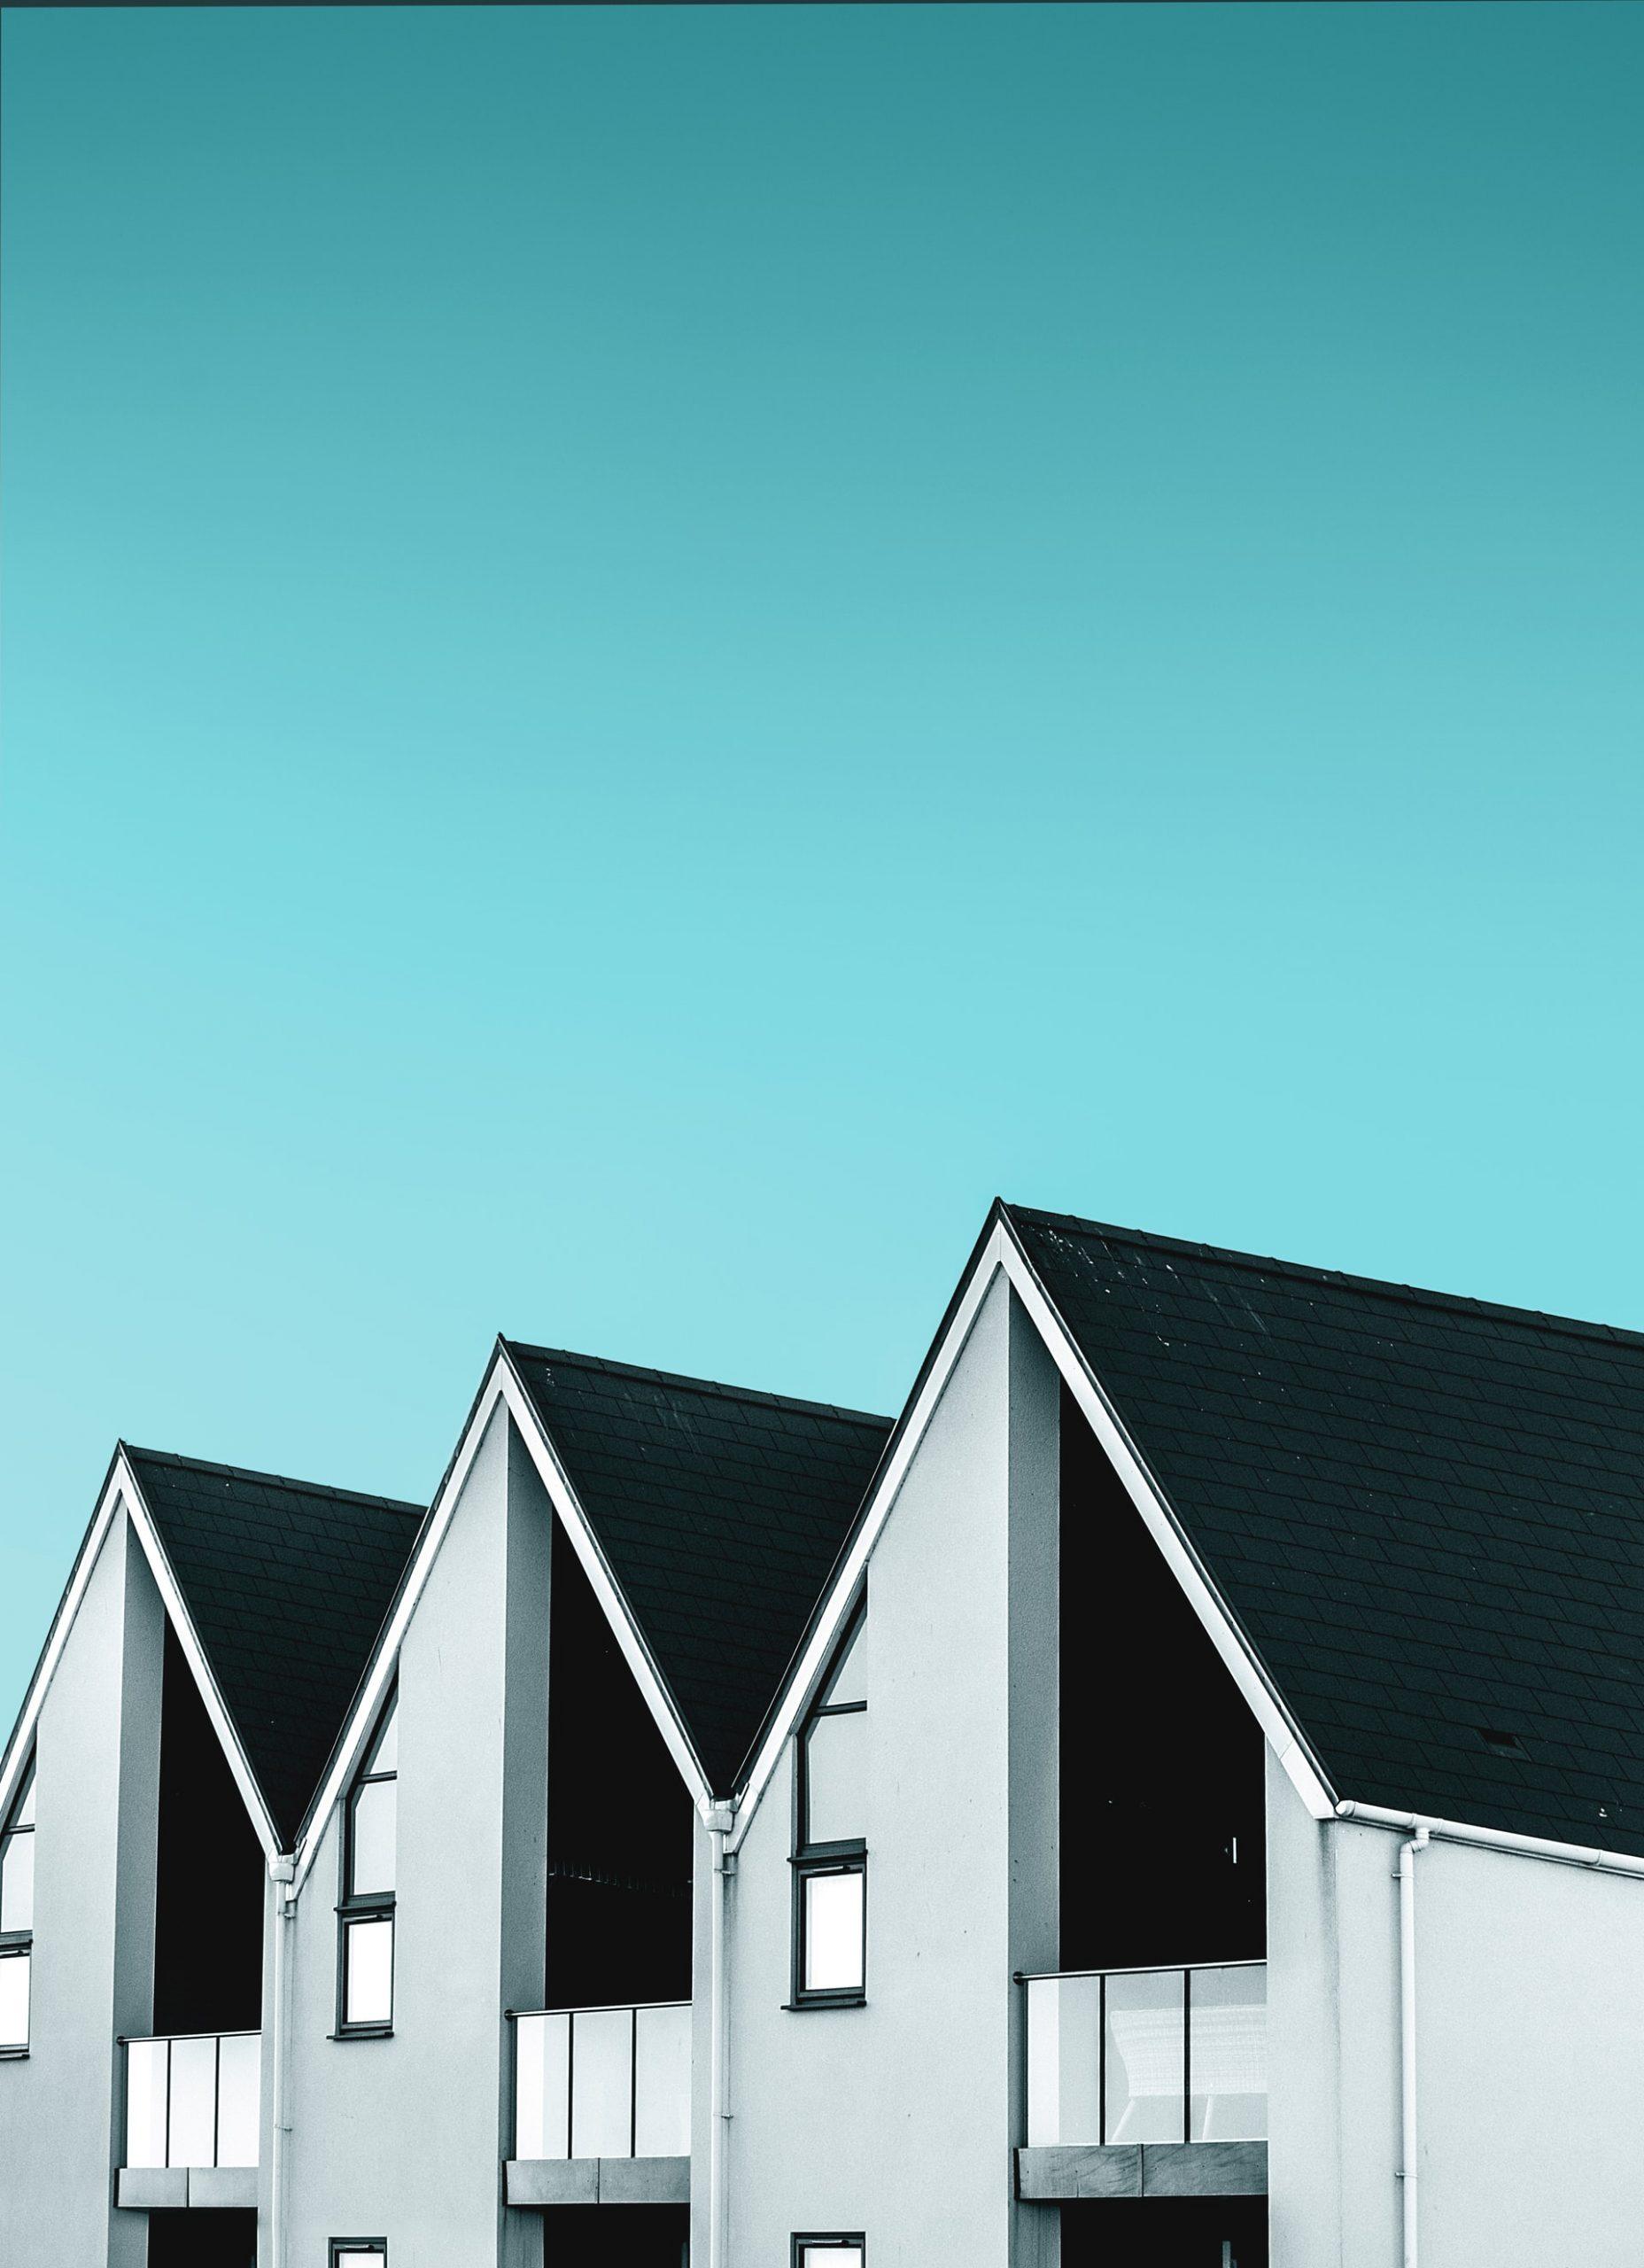 Køb af ny bolig? – Gode råd til at have med sig